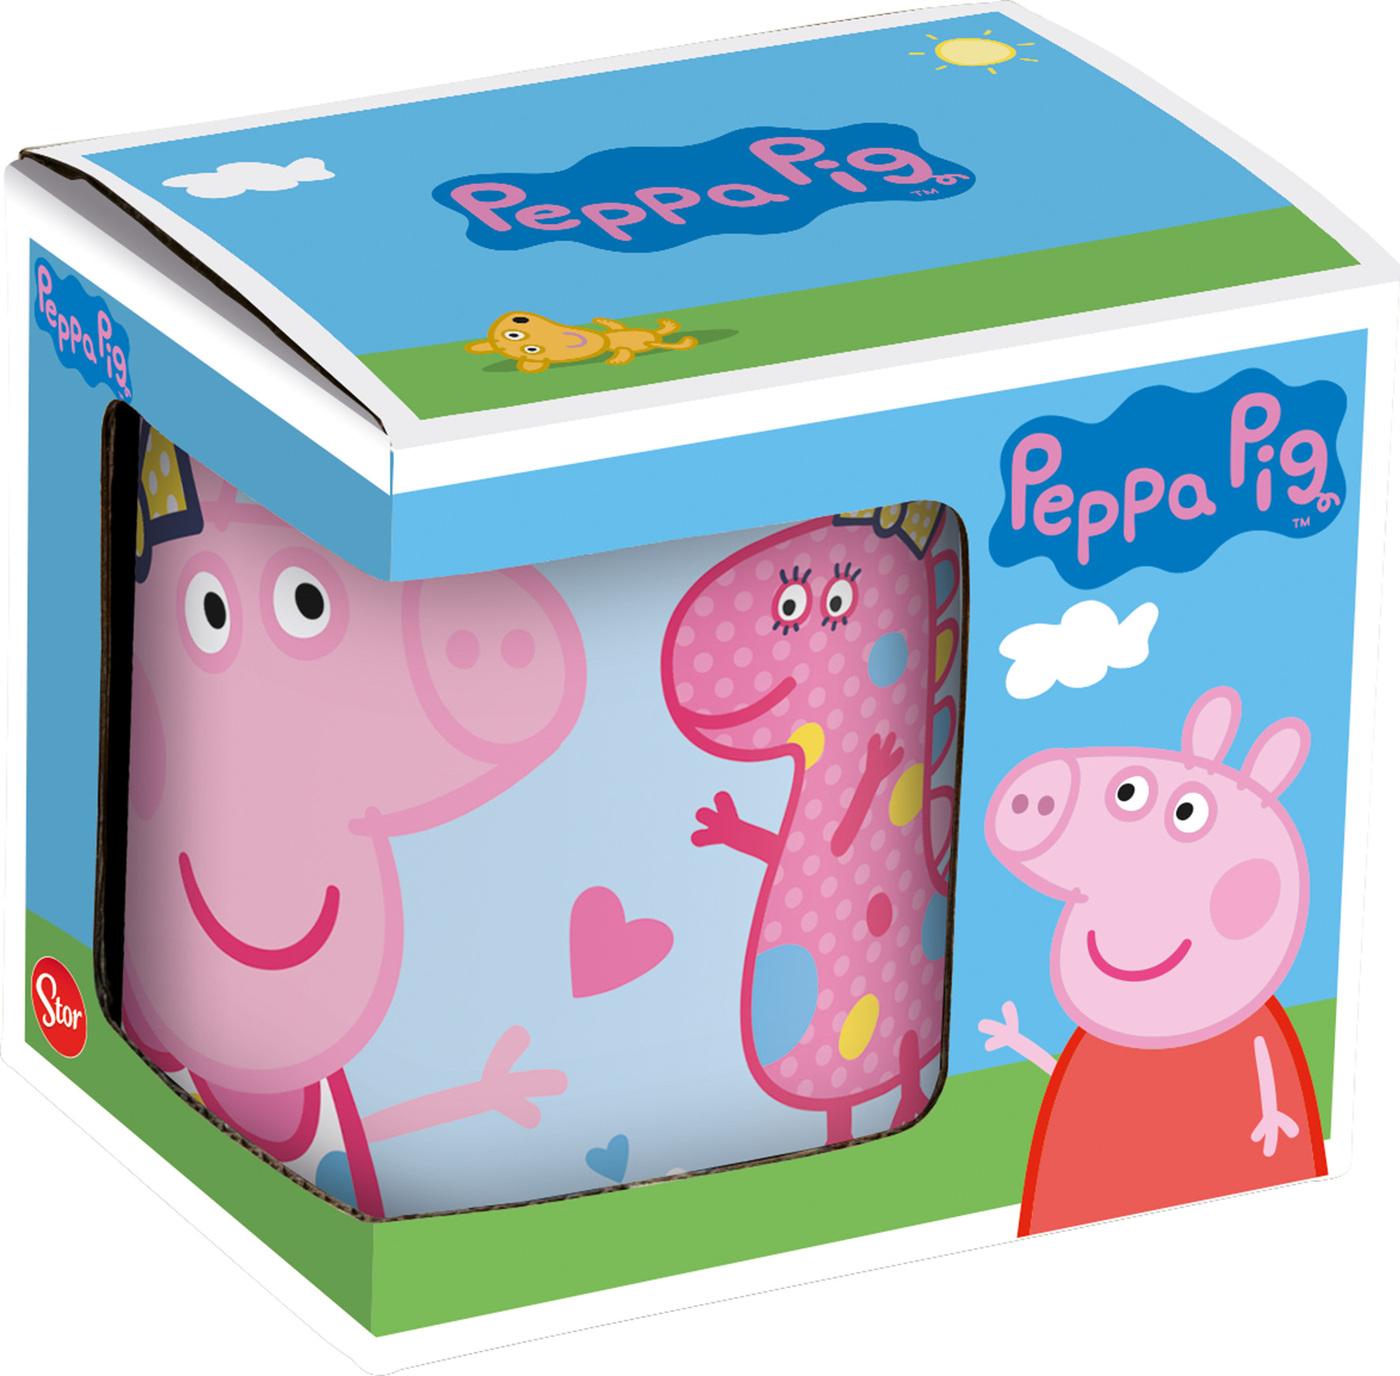 Кружка керамическая Stor в подарочной упаковке (325 мл). Свинка Пеппа и Дино, арт.20103